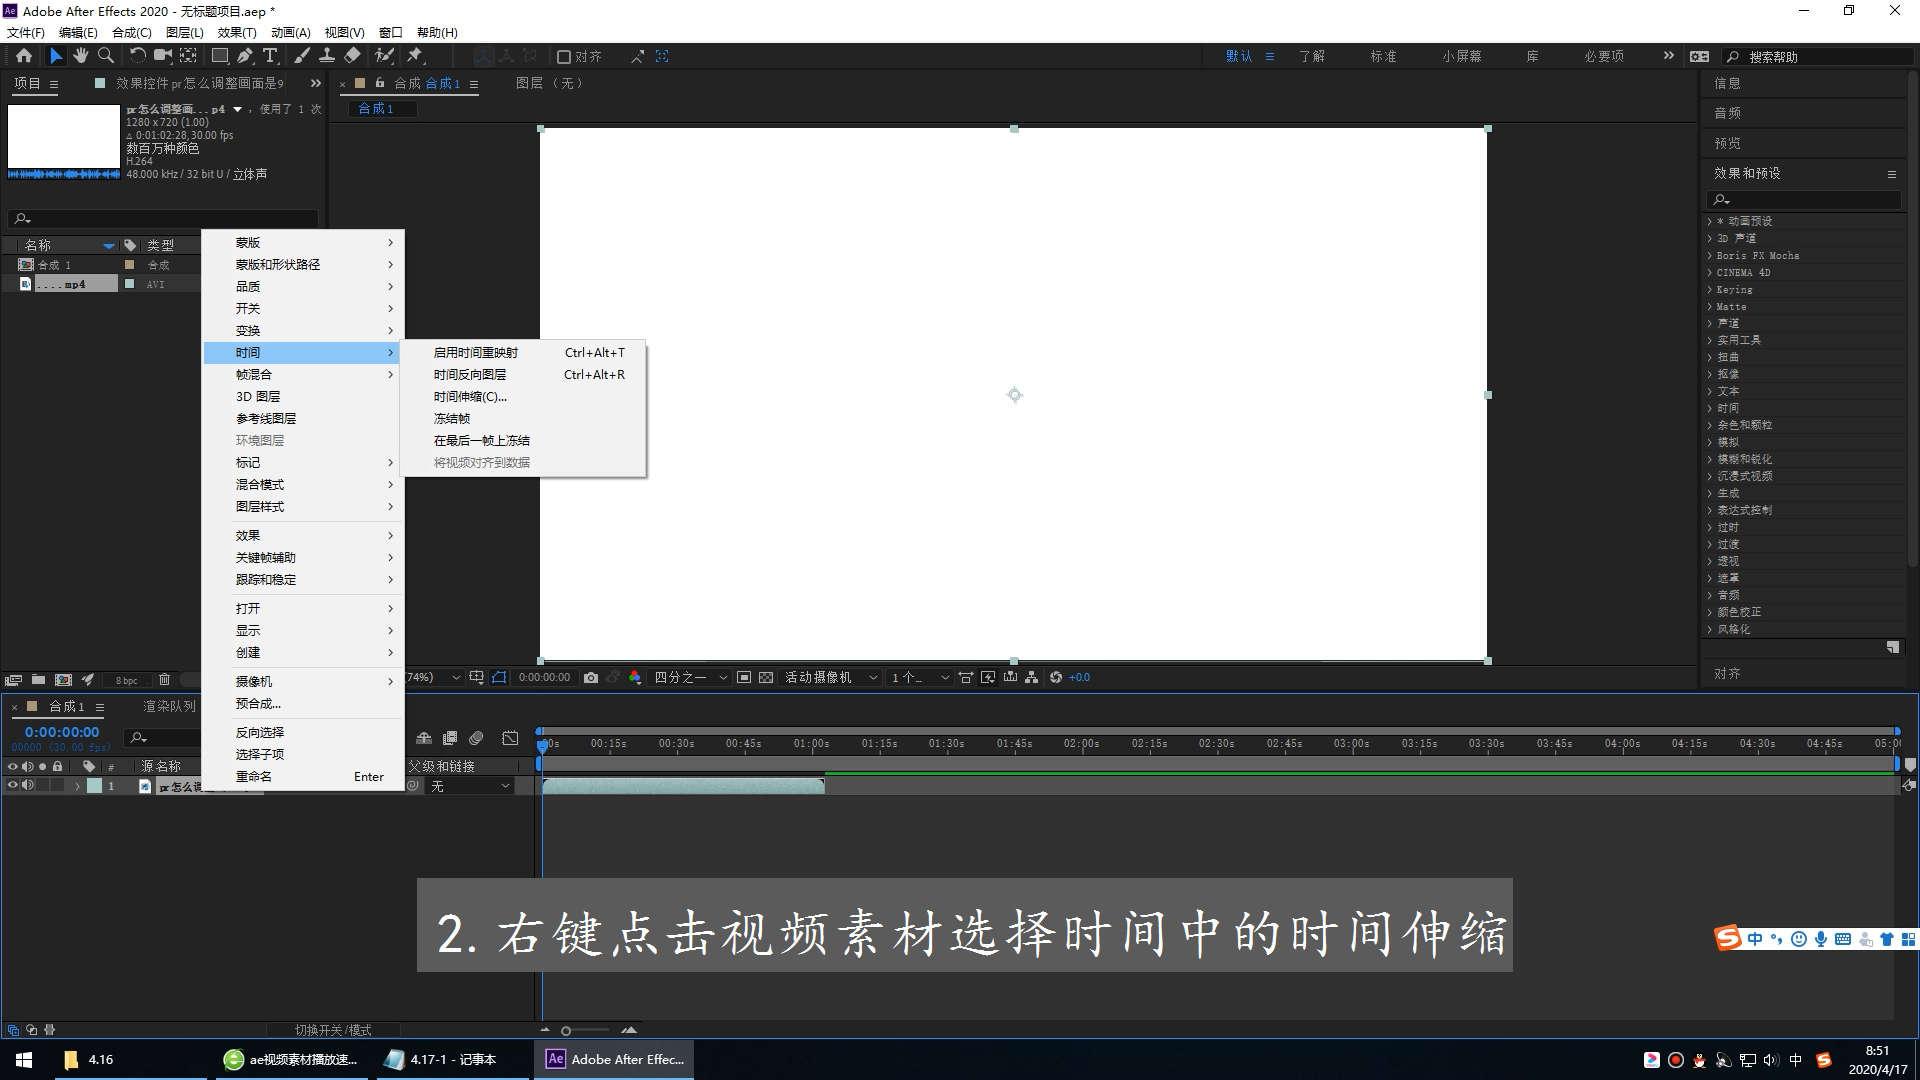 ae怎么增长部分视频时间第2步